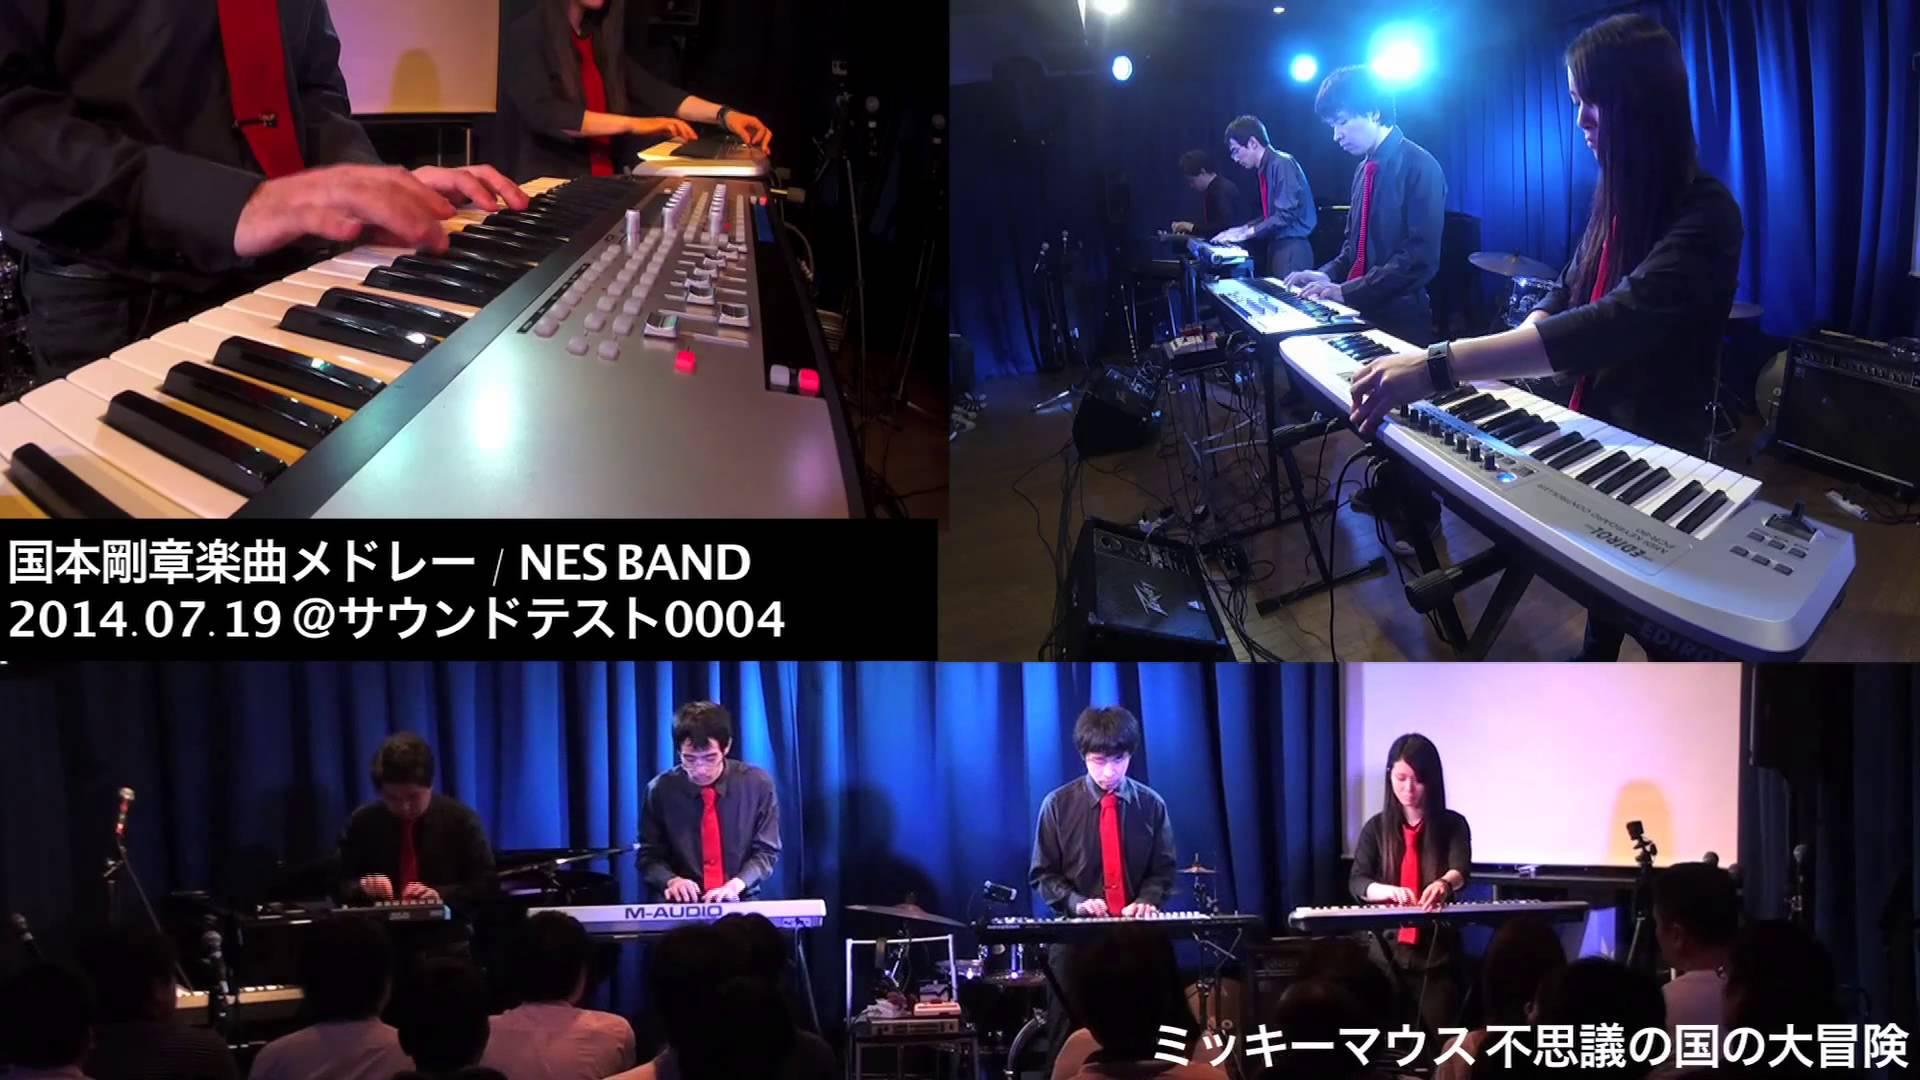 懷舊遊戲音樂會 | NES Band 四人聯奏